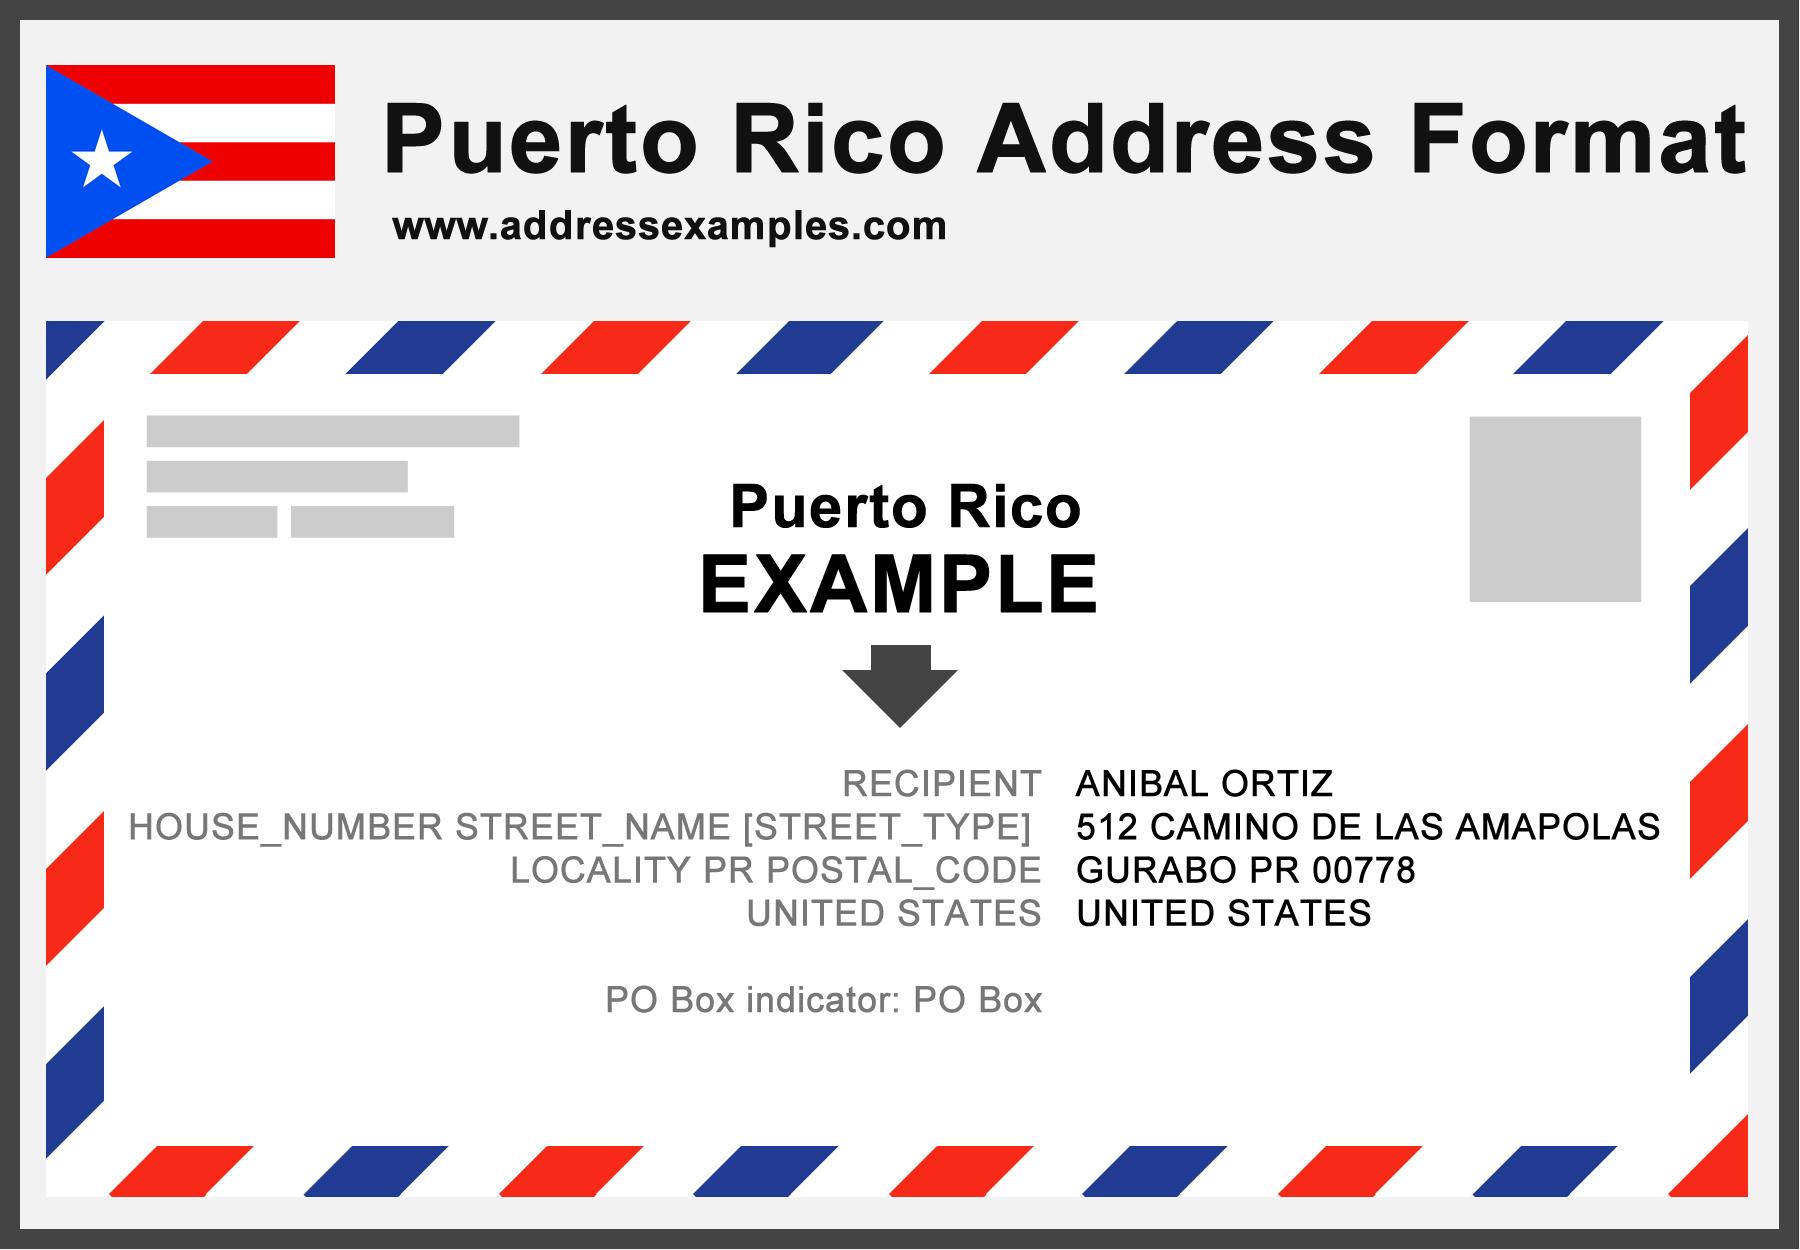 Puerto Rico Address Format